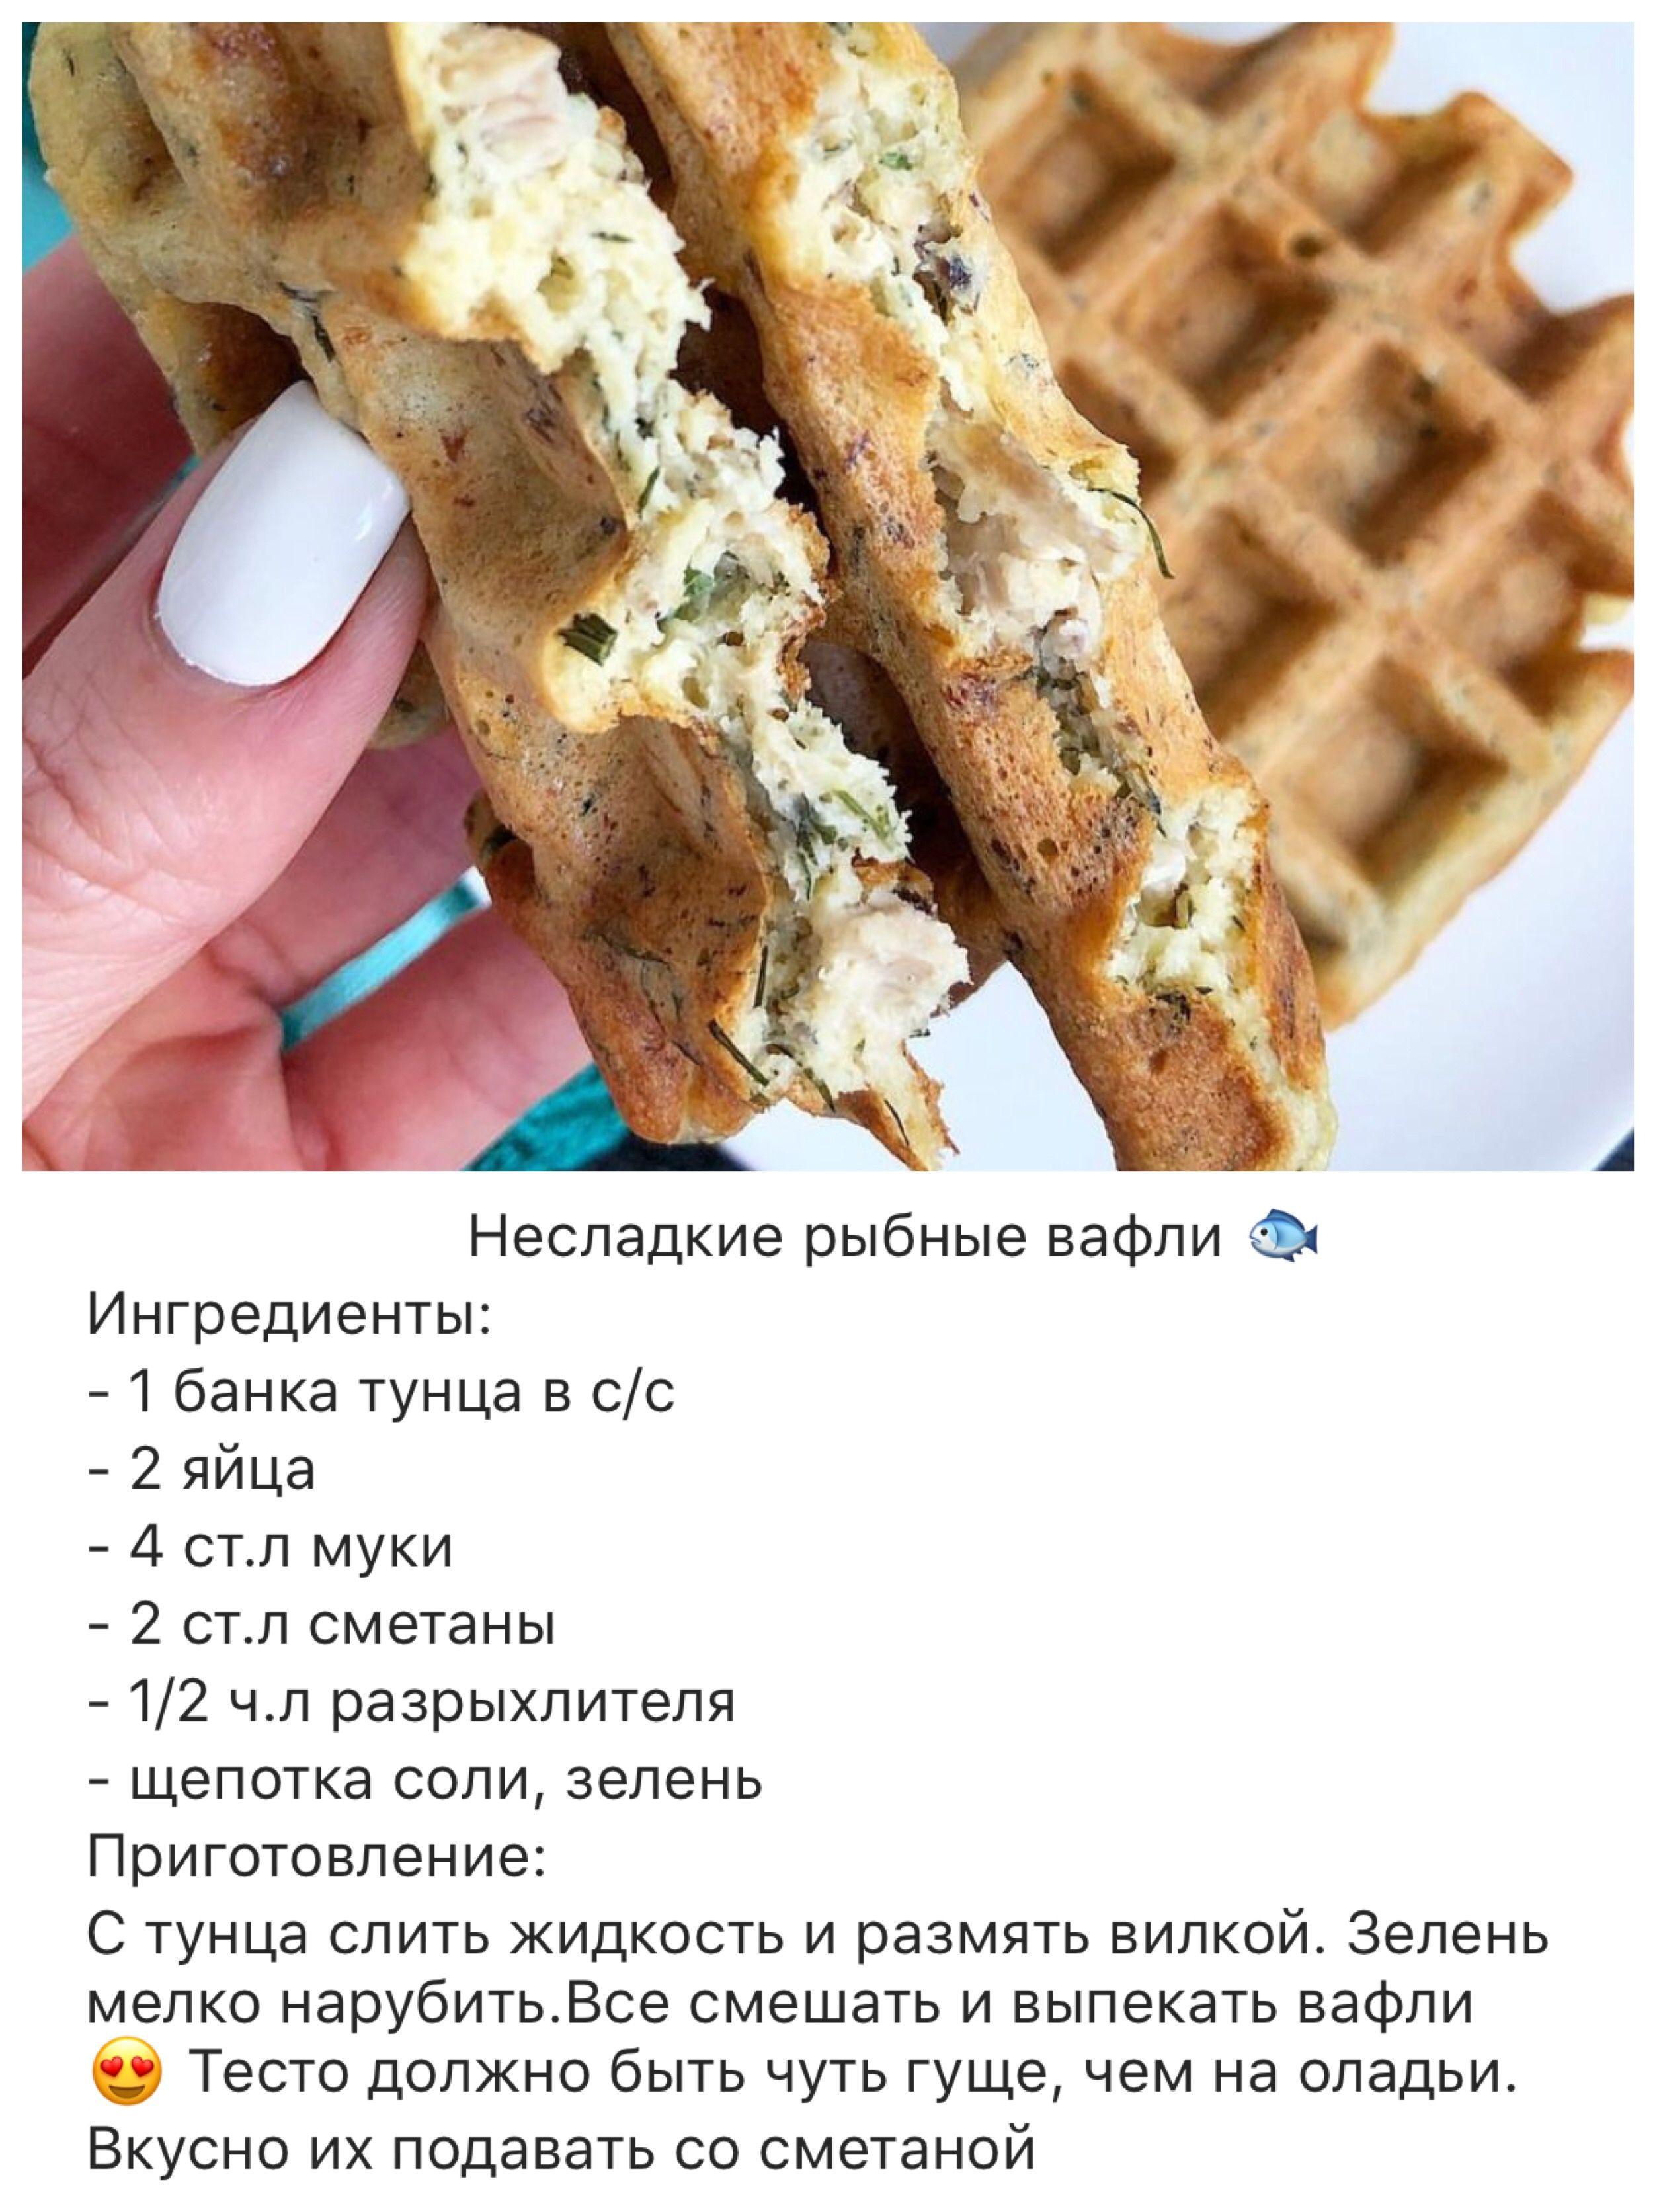 Домашние вафли на сметане: 7 вкусных рецептов изоражения